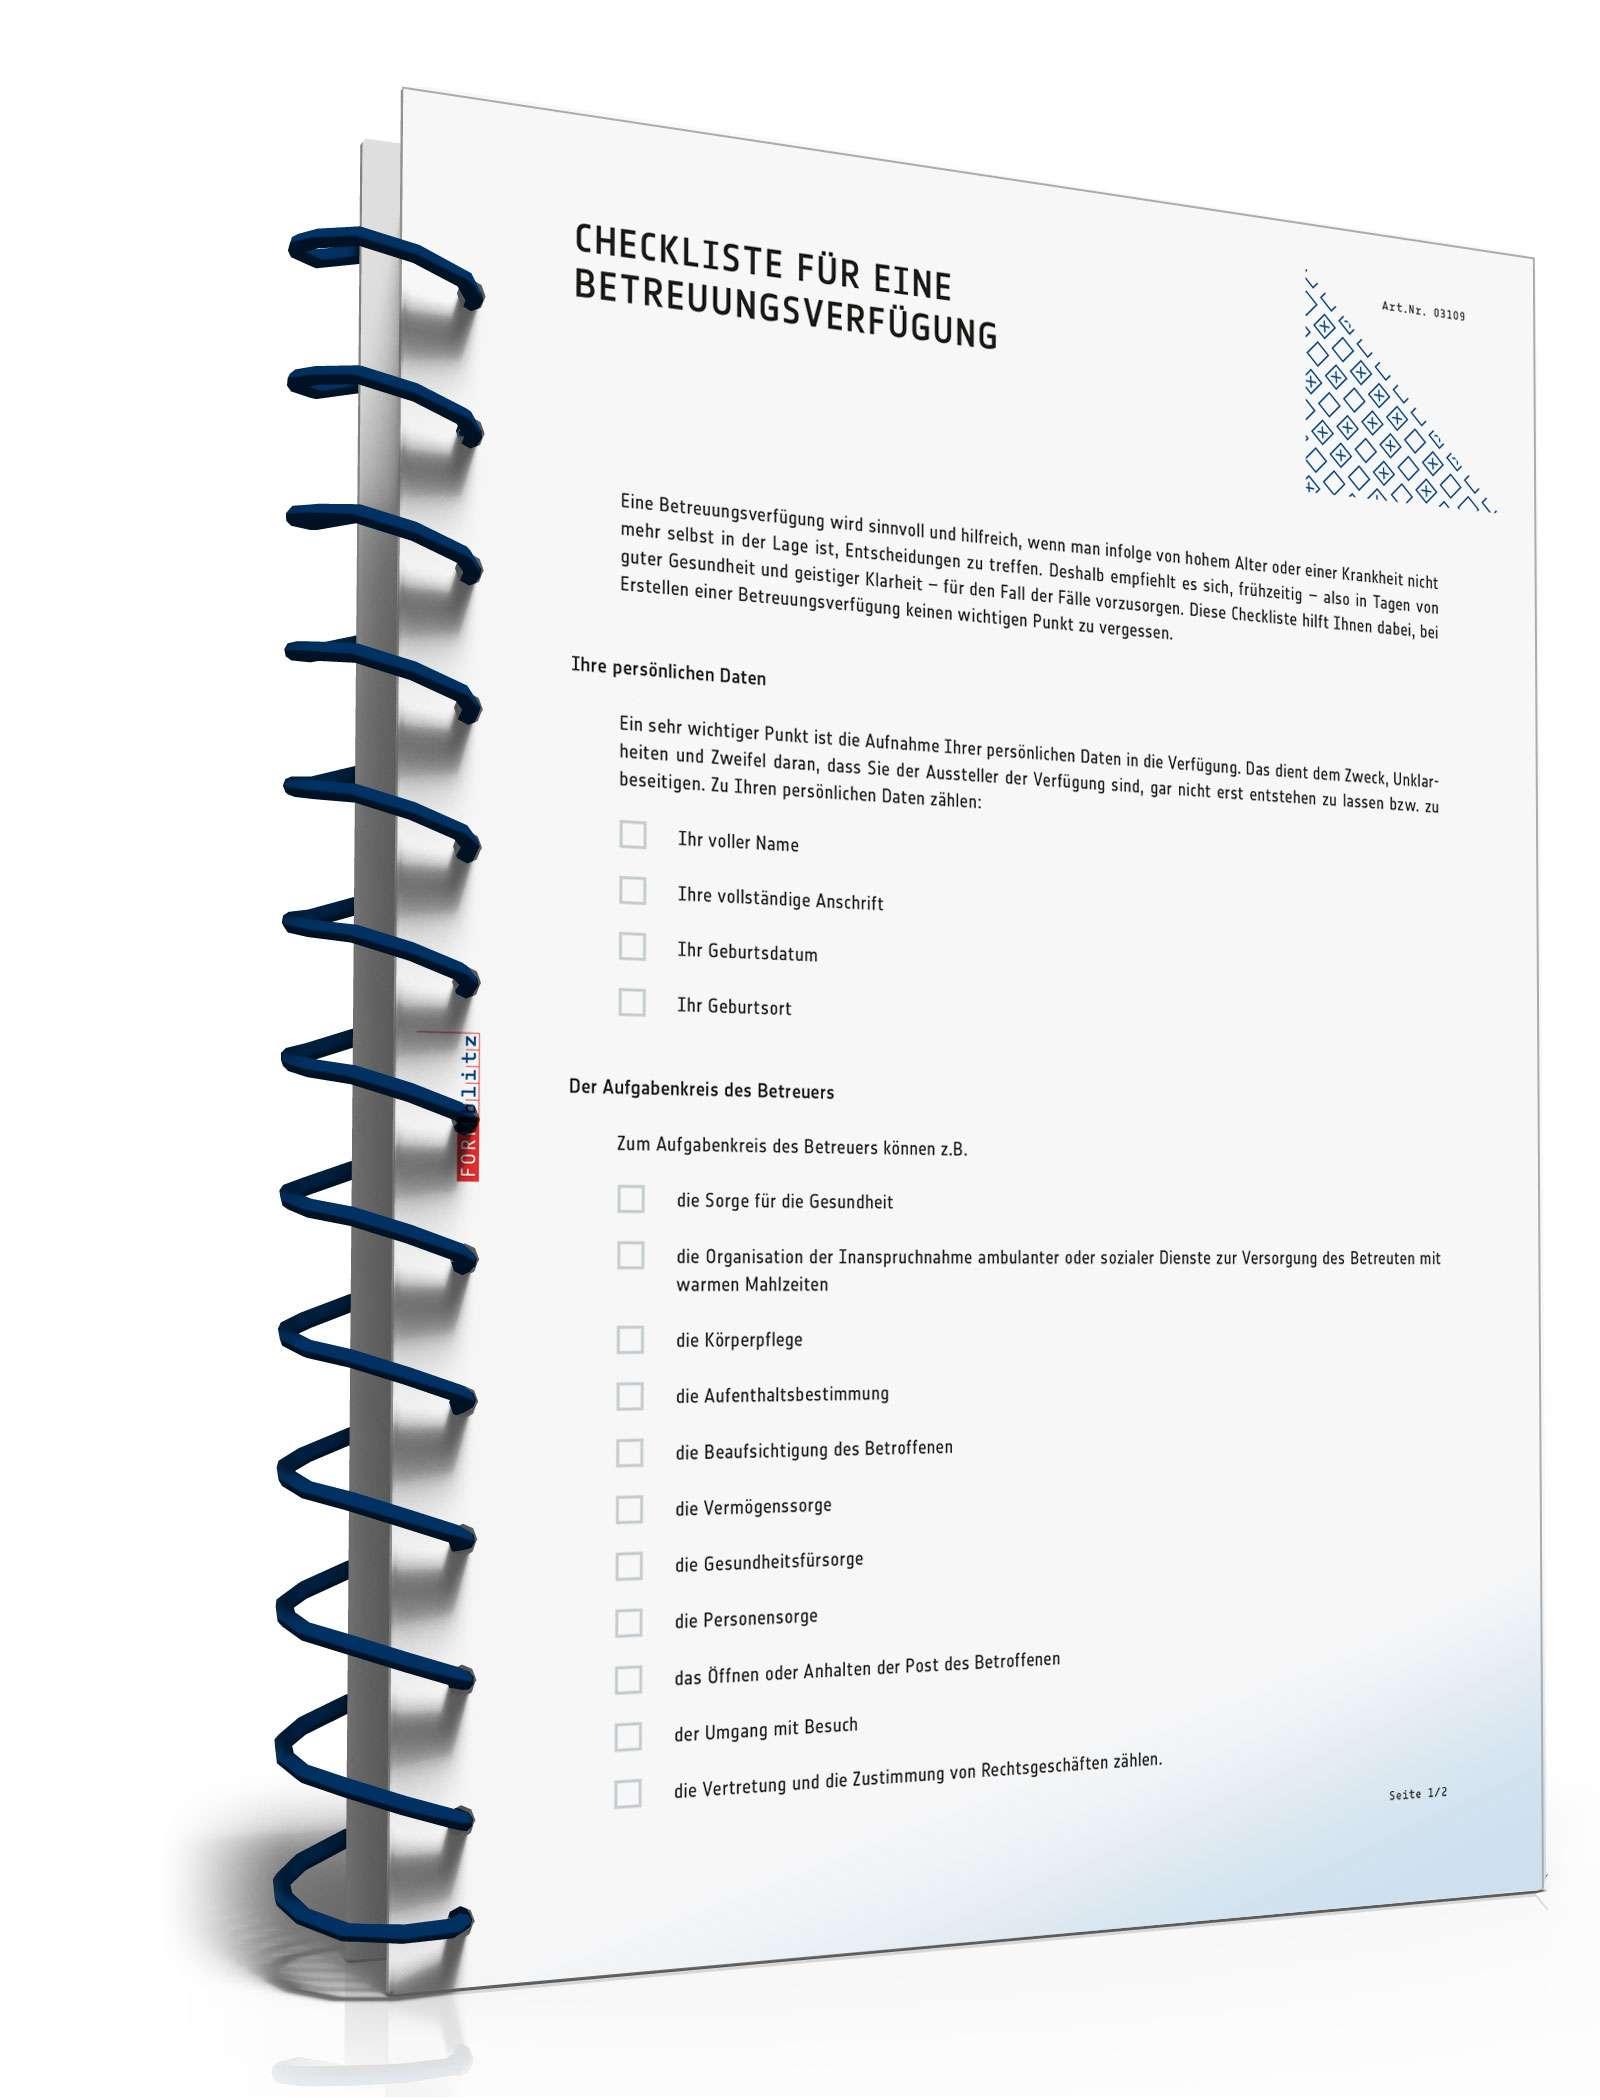 Checkliste Betreuungsverfügung